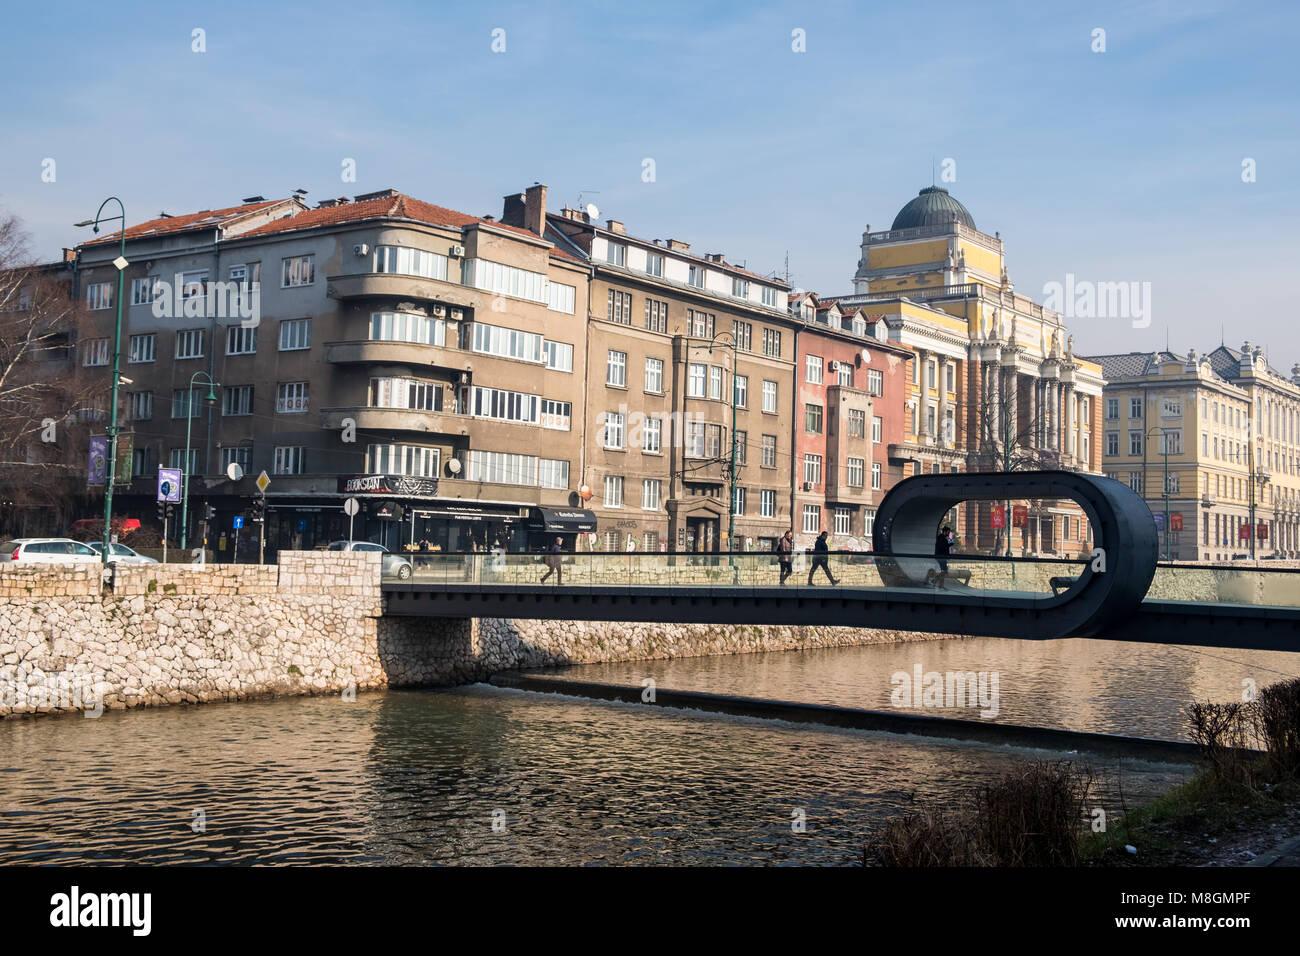 Sarajevo, Bosnia y Herzegovina - 27 Enero 2018 - Vista de Sarajevo y Festina lente puente sobre el río Miljacka, Imagen De Stock